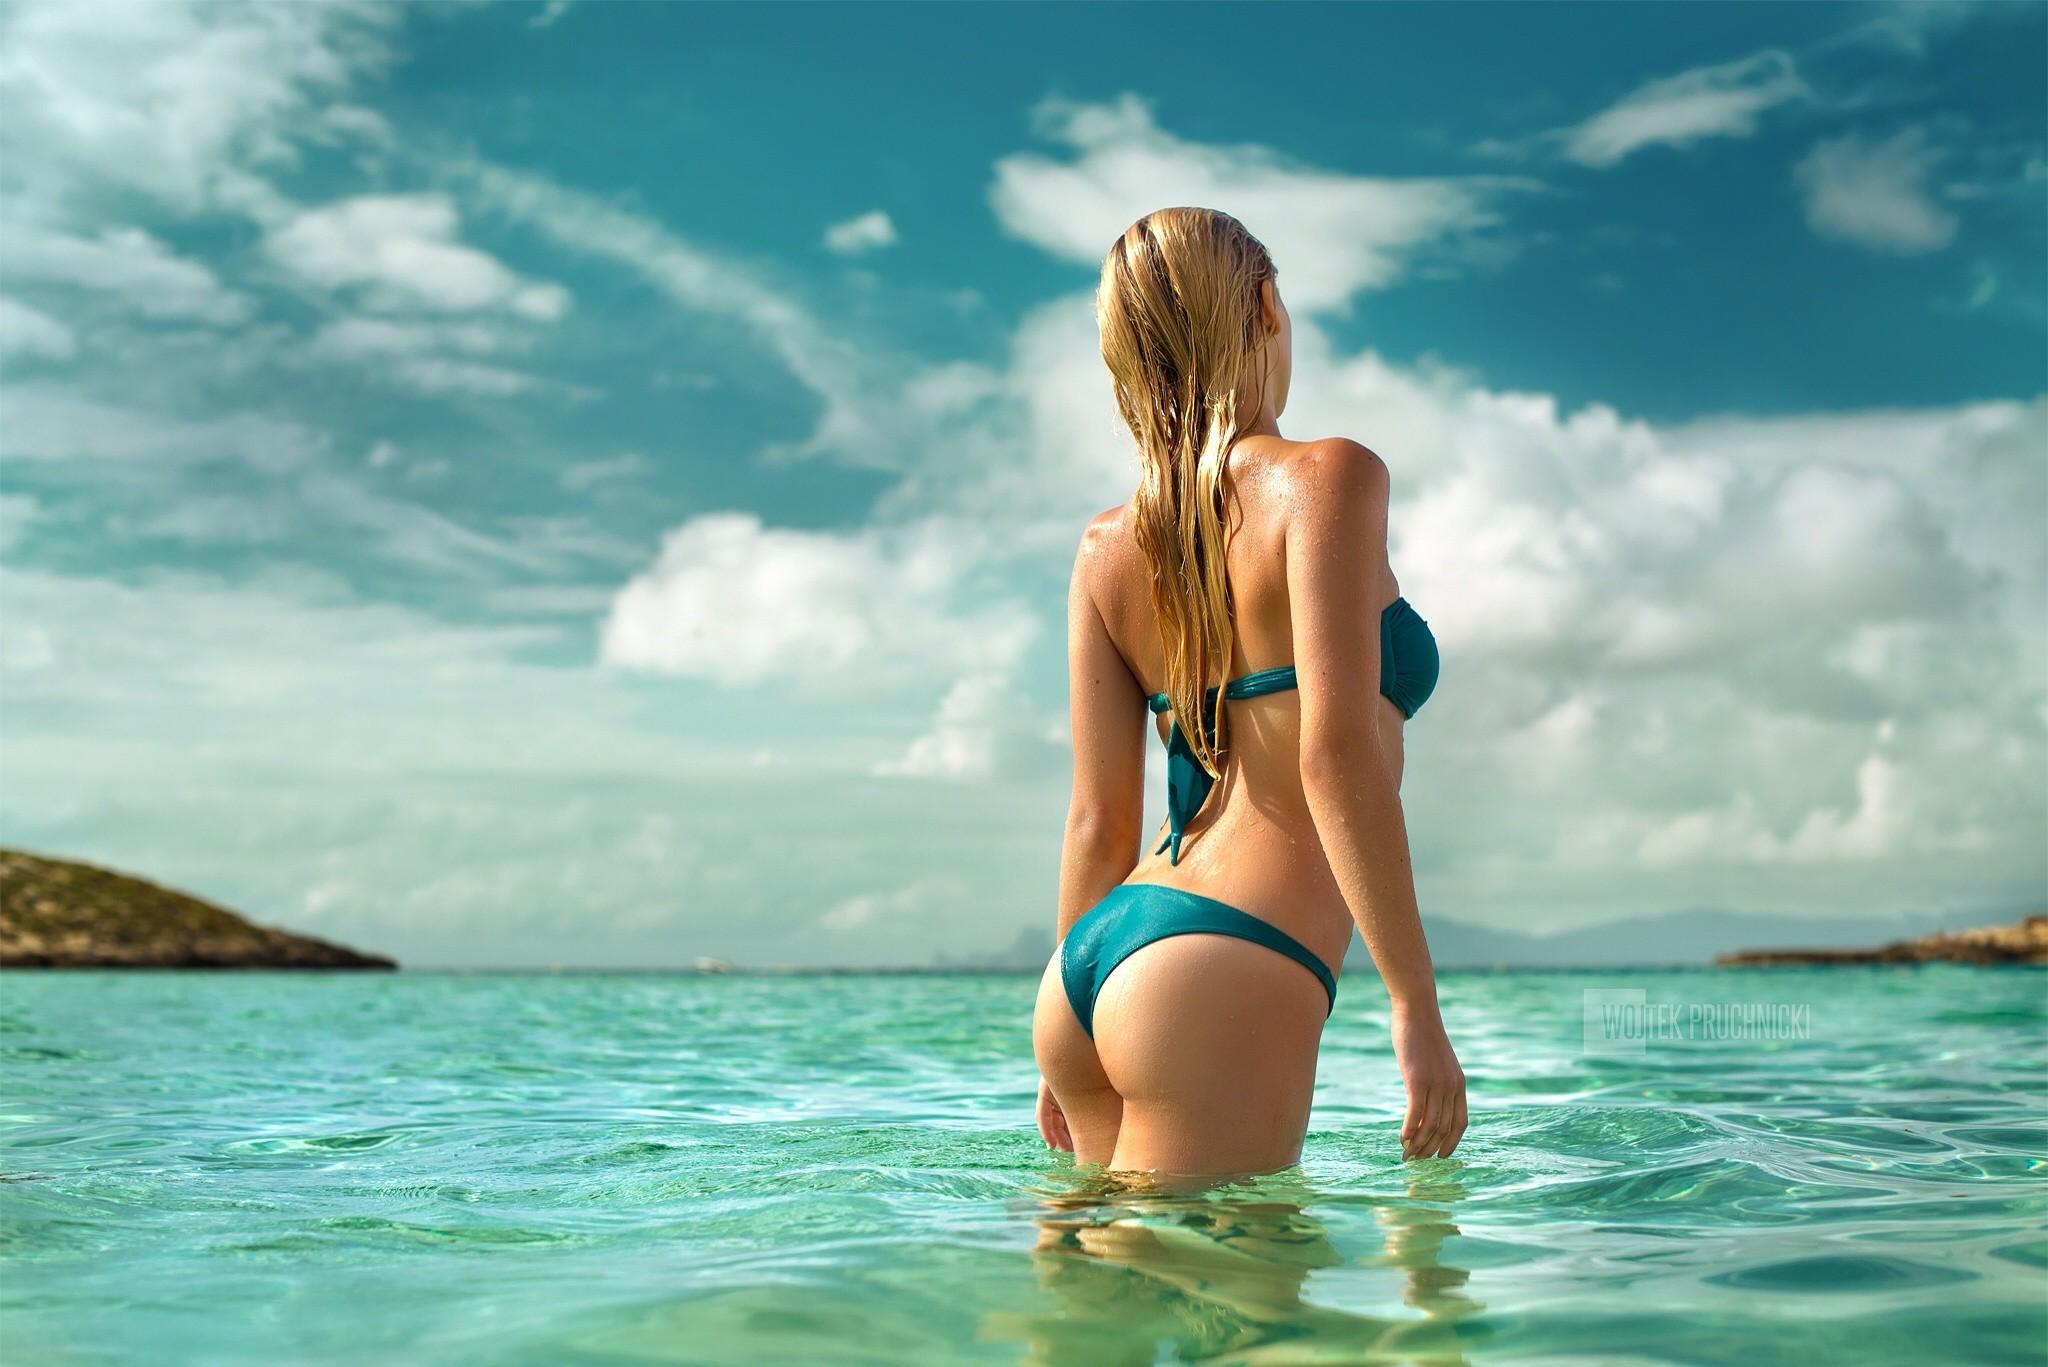 Обои на рабочий стол красивые девушки блондинки и море